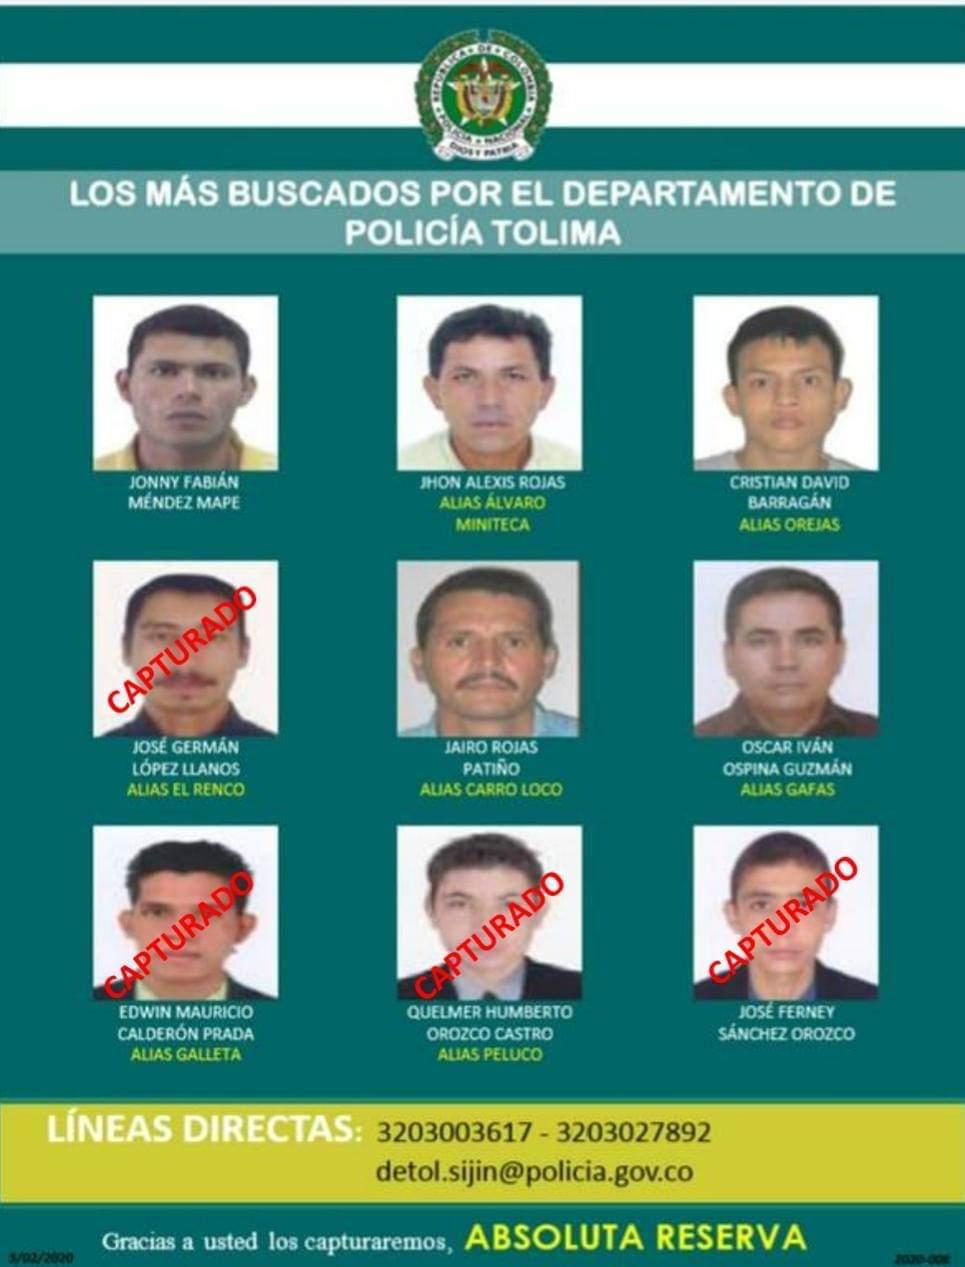 Cayó 'Alvaro Miniteca', uno de los nueve más buscados